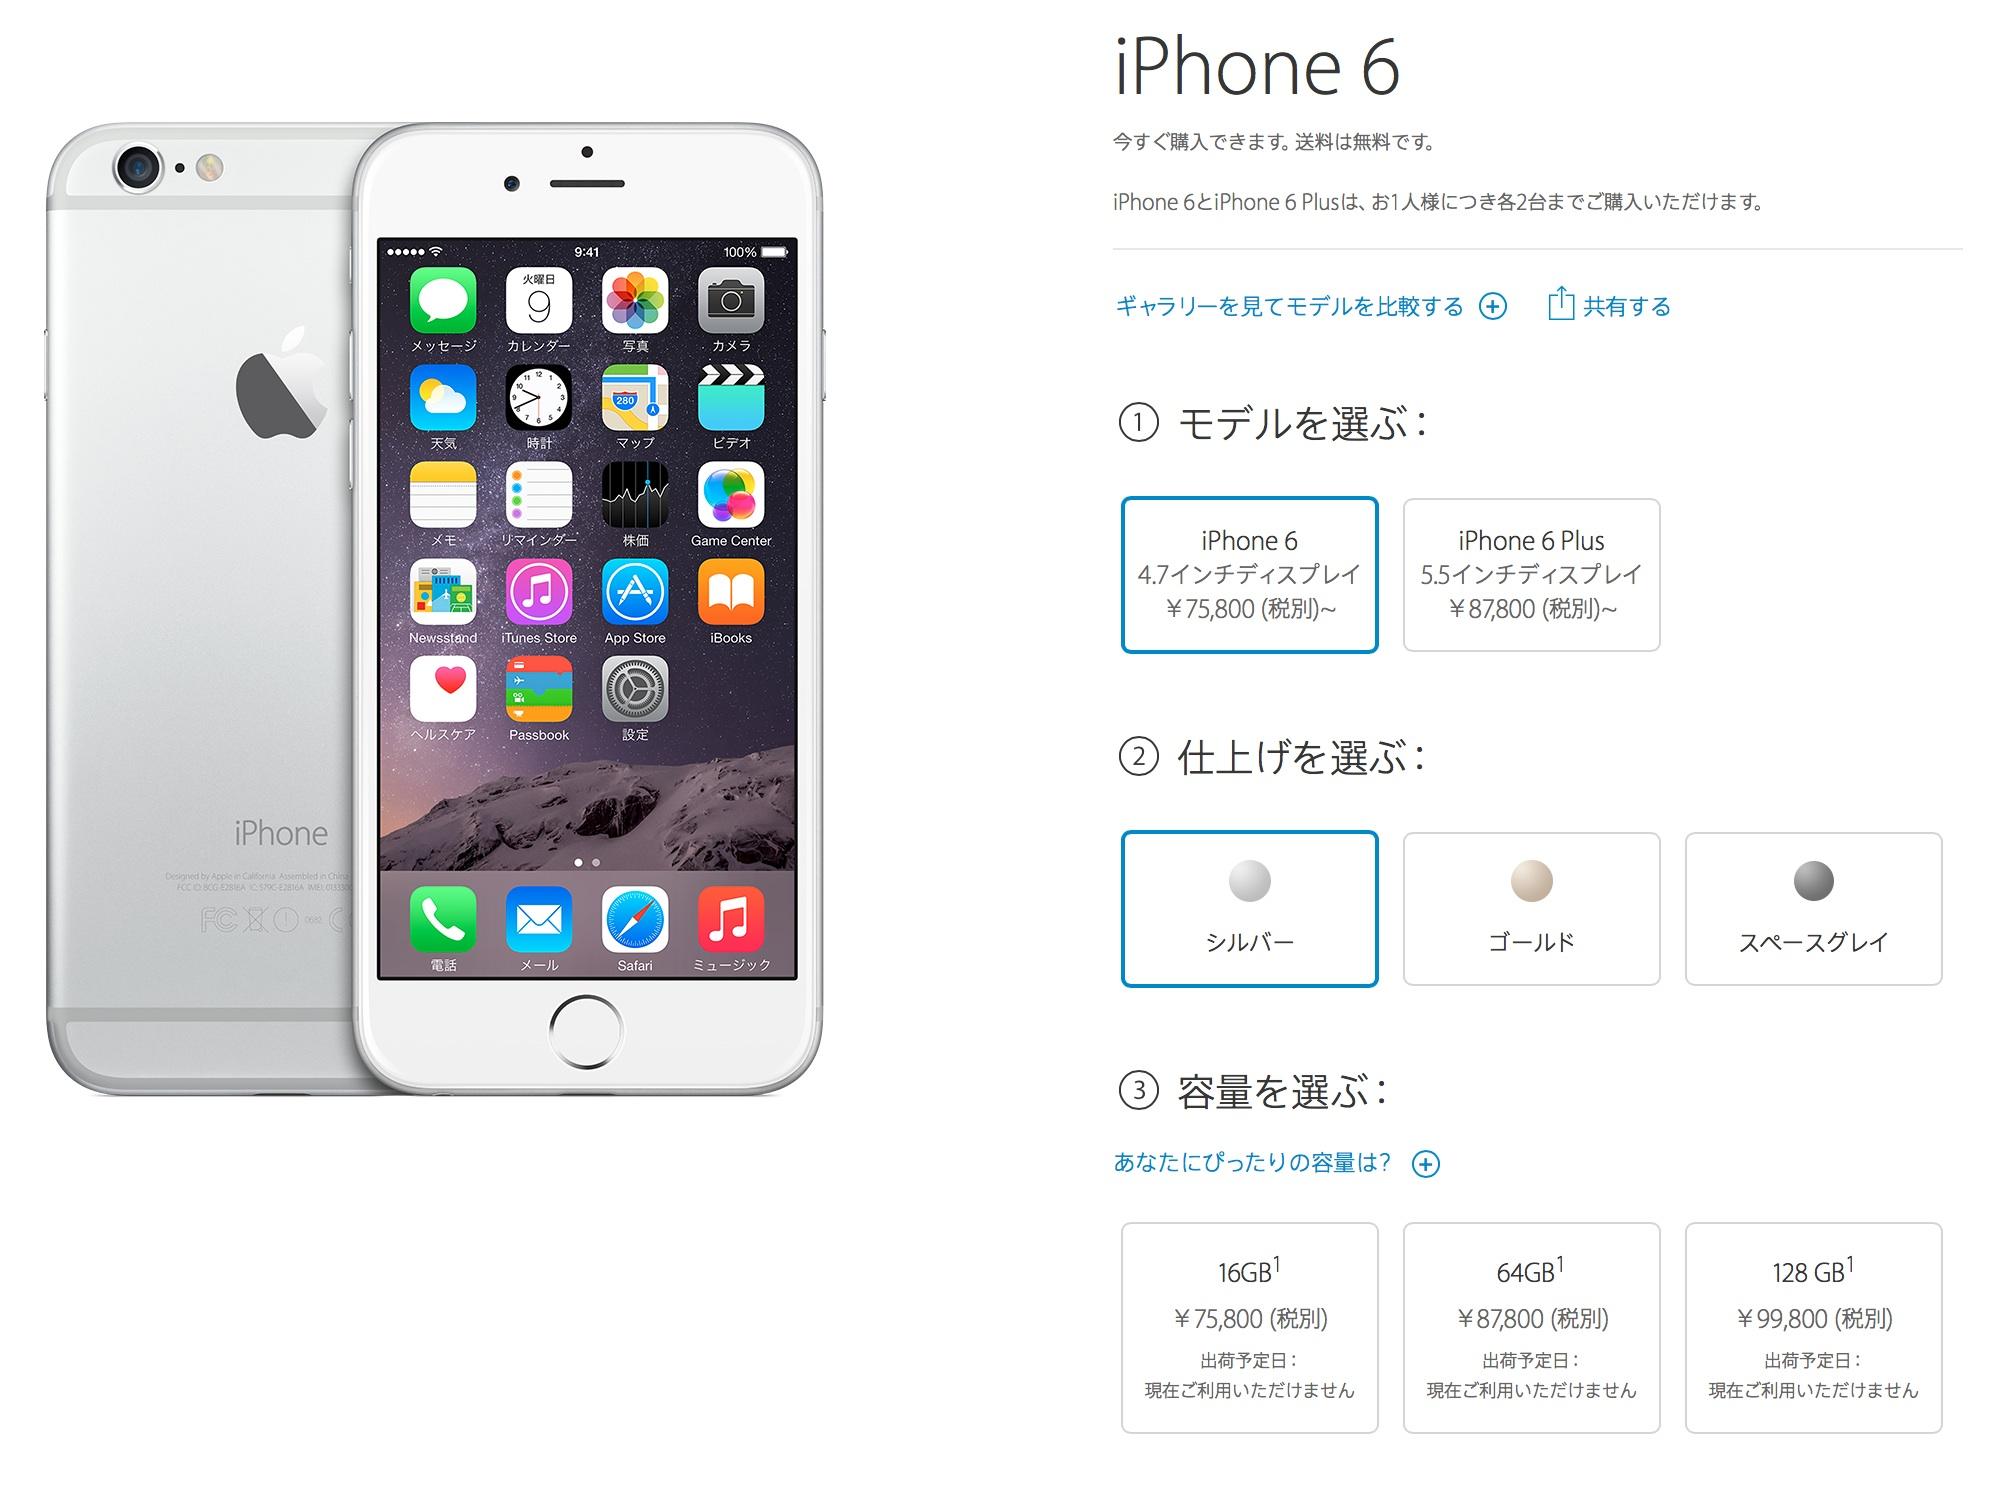 SIMフリー版iPhone6/6 Plusが販売停止!?理由は…?